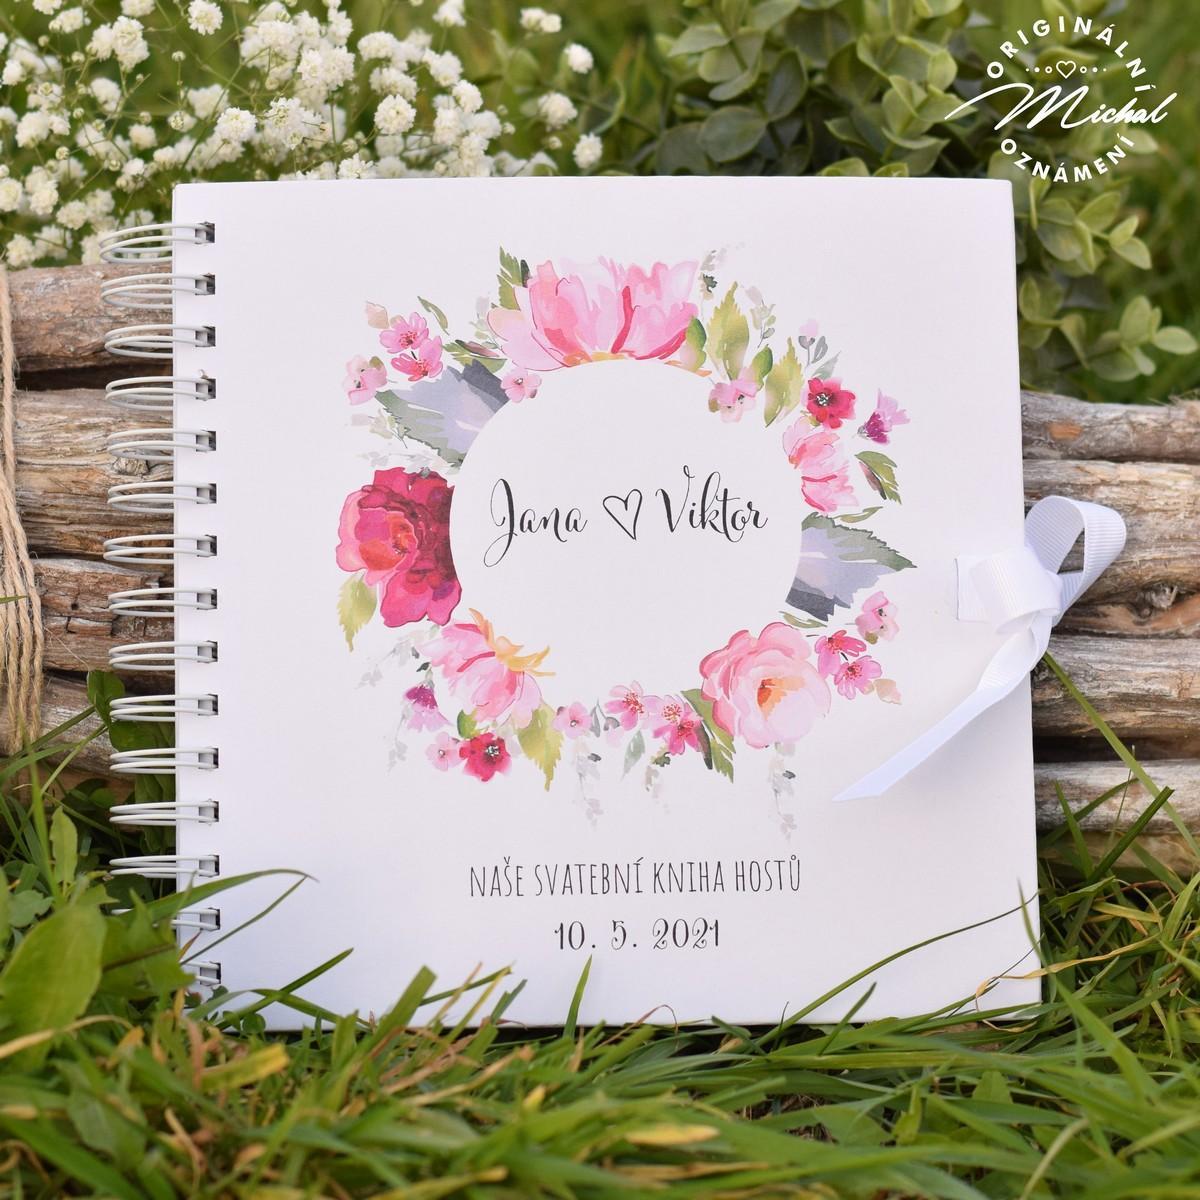 Svatební kniha hostů - pevné knižní desky - 9 - Obrázek č. 1